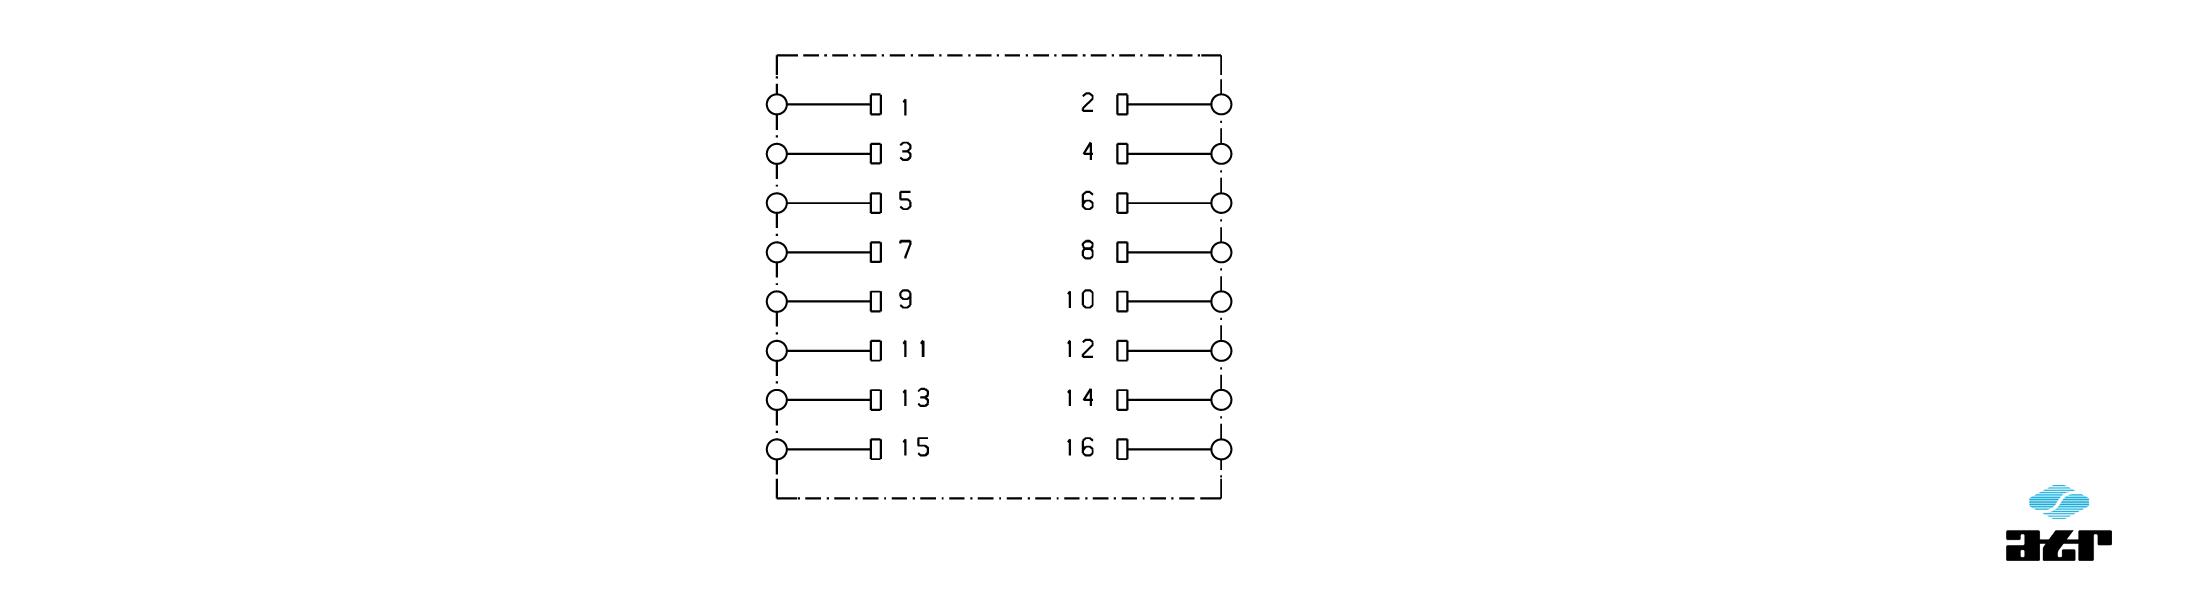 Anschlussplan: ATR Universaleinheit UG4